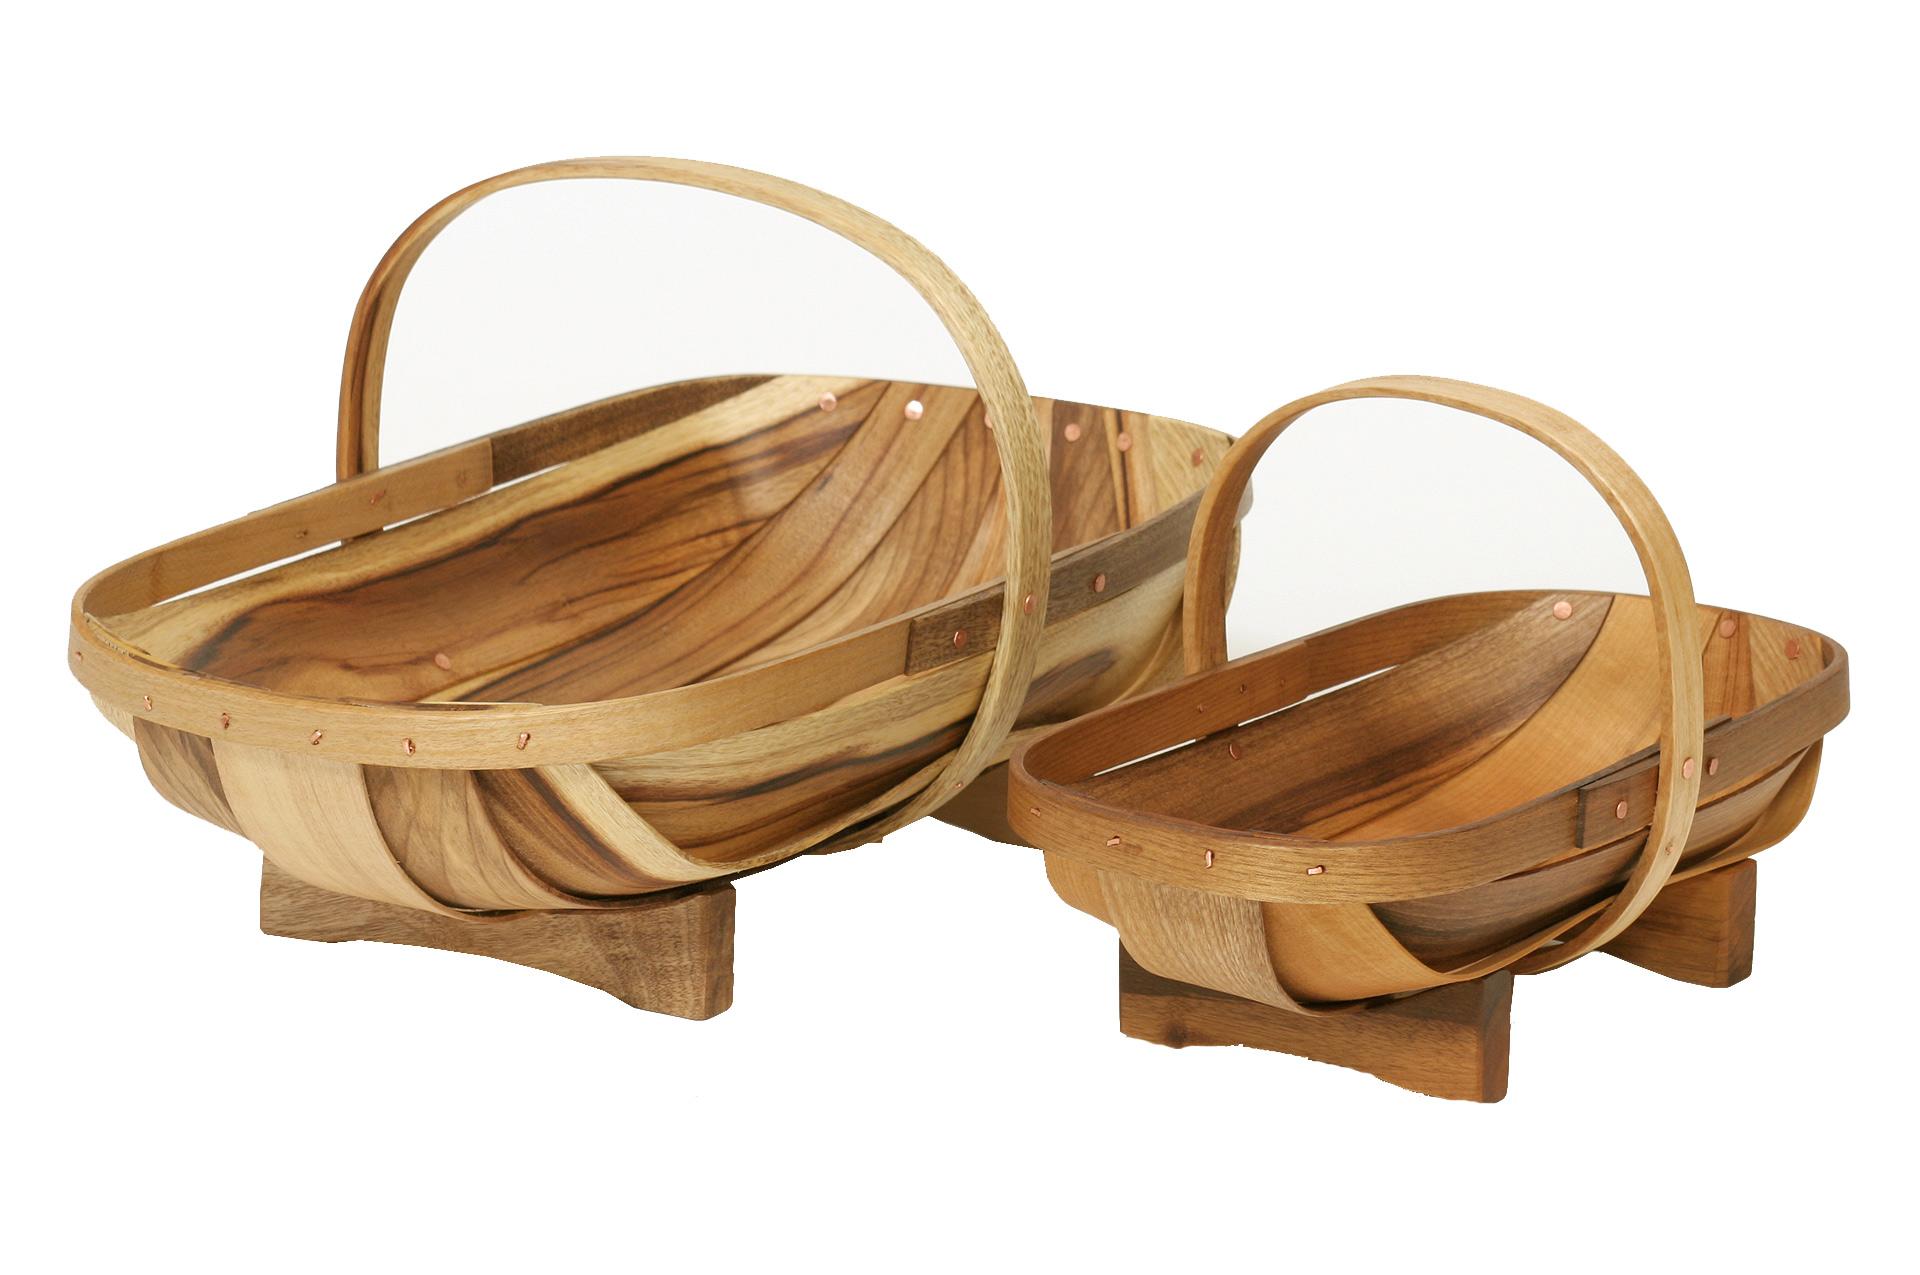 Wooden Garden Trug - 2 sizes available - or buy the set | Garden ...